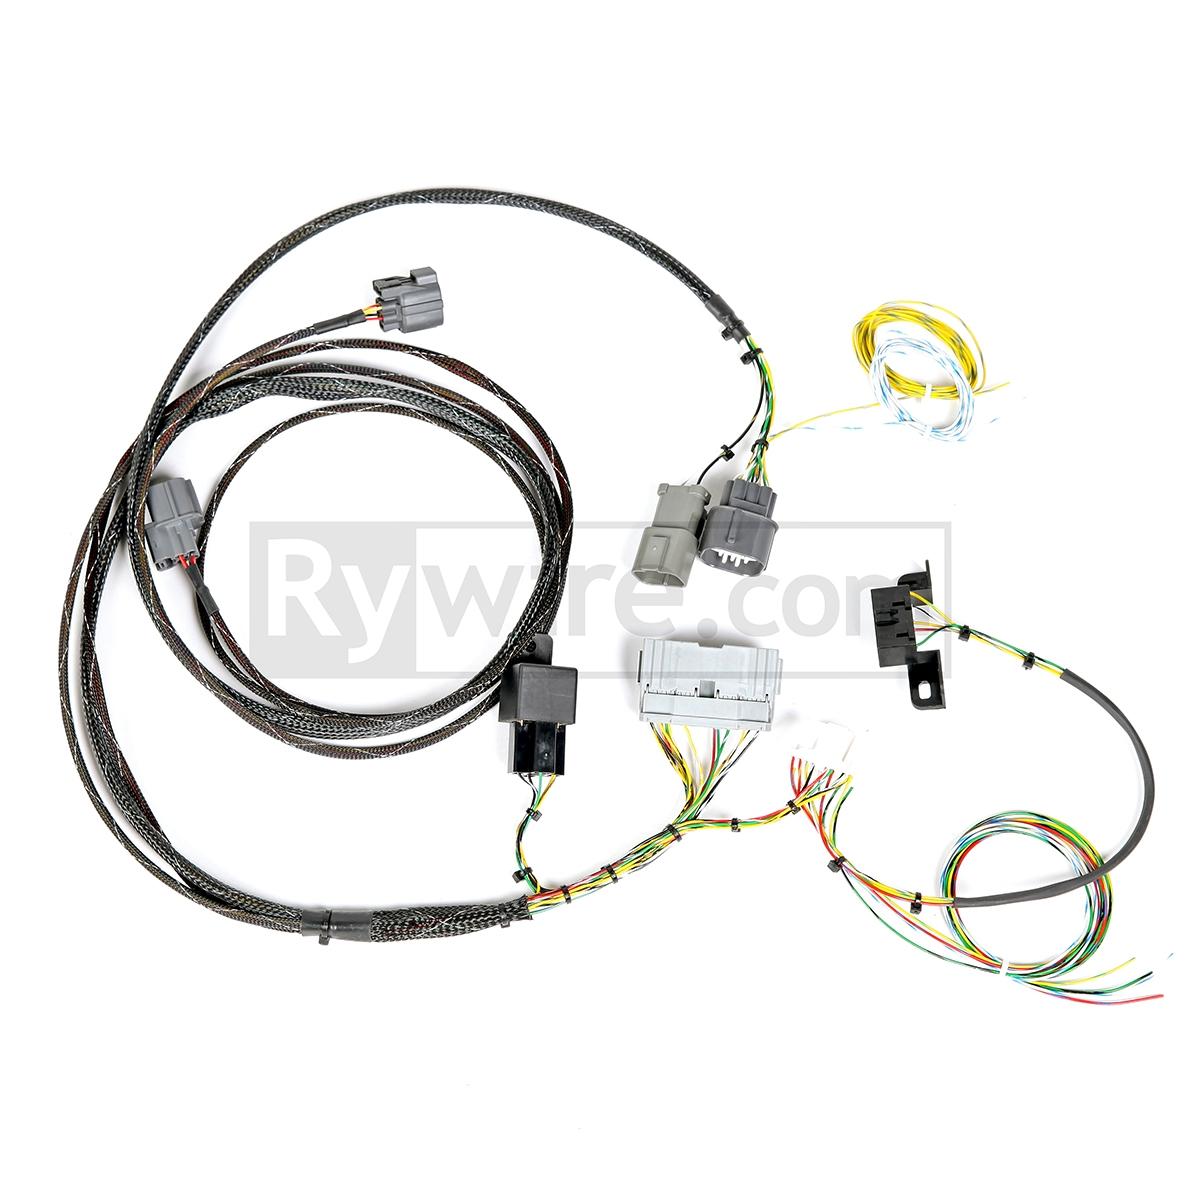 k series adapter [ 1200 x 1200 Pixel ]